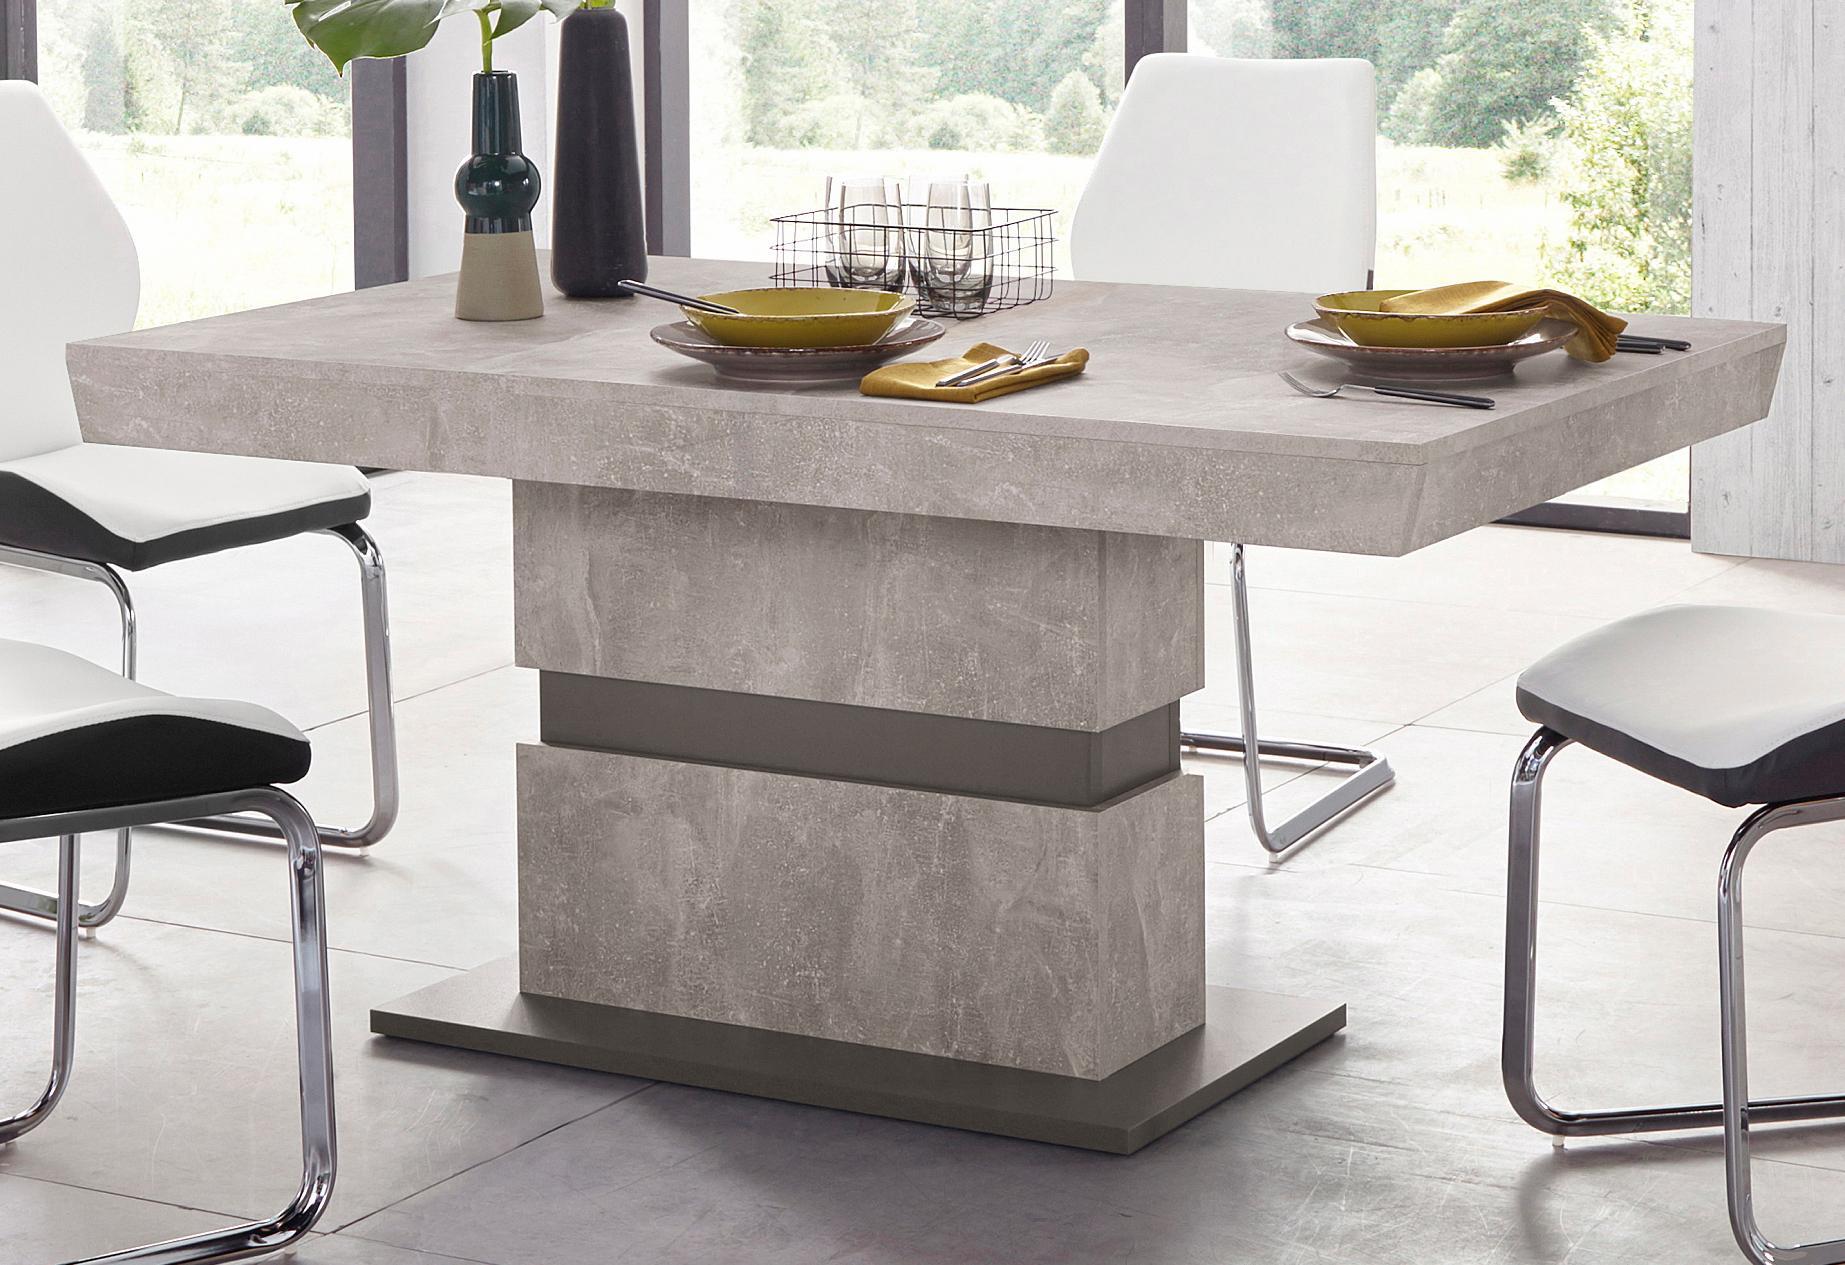 Homexperts Säulen-Esstisch Marley Wohnen/Möbel/Tische/Esstische/Esstische rechteckig